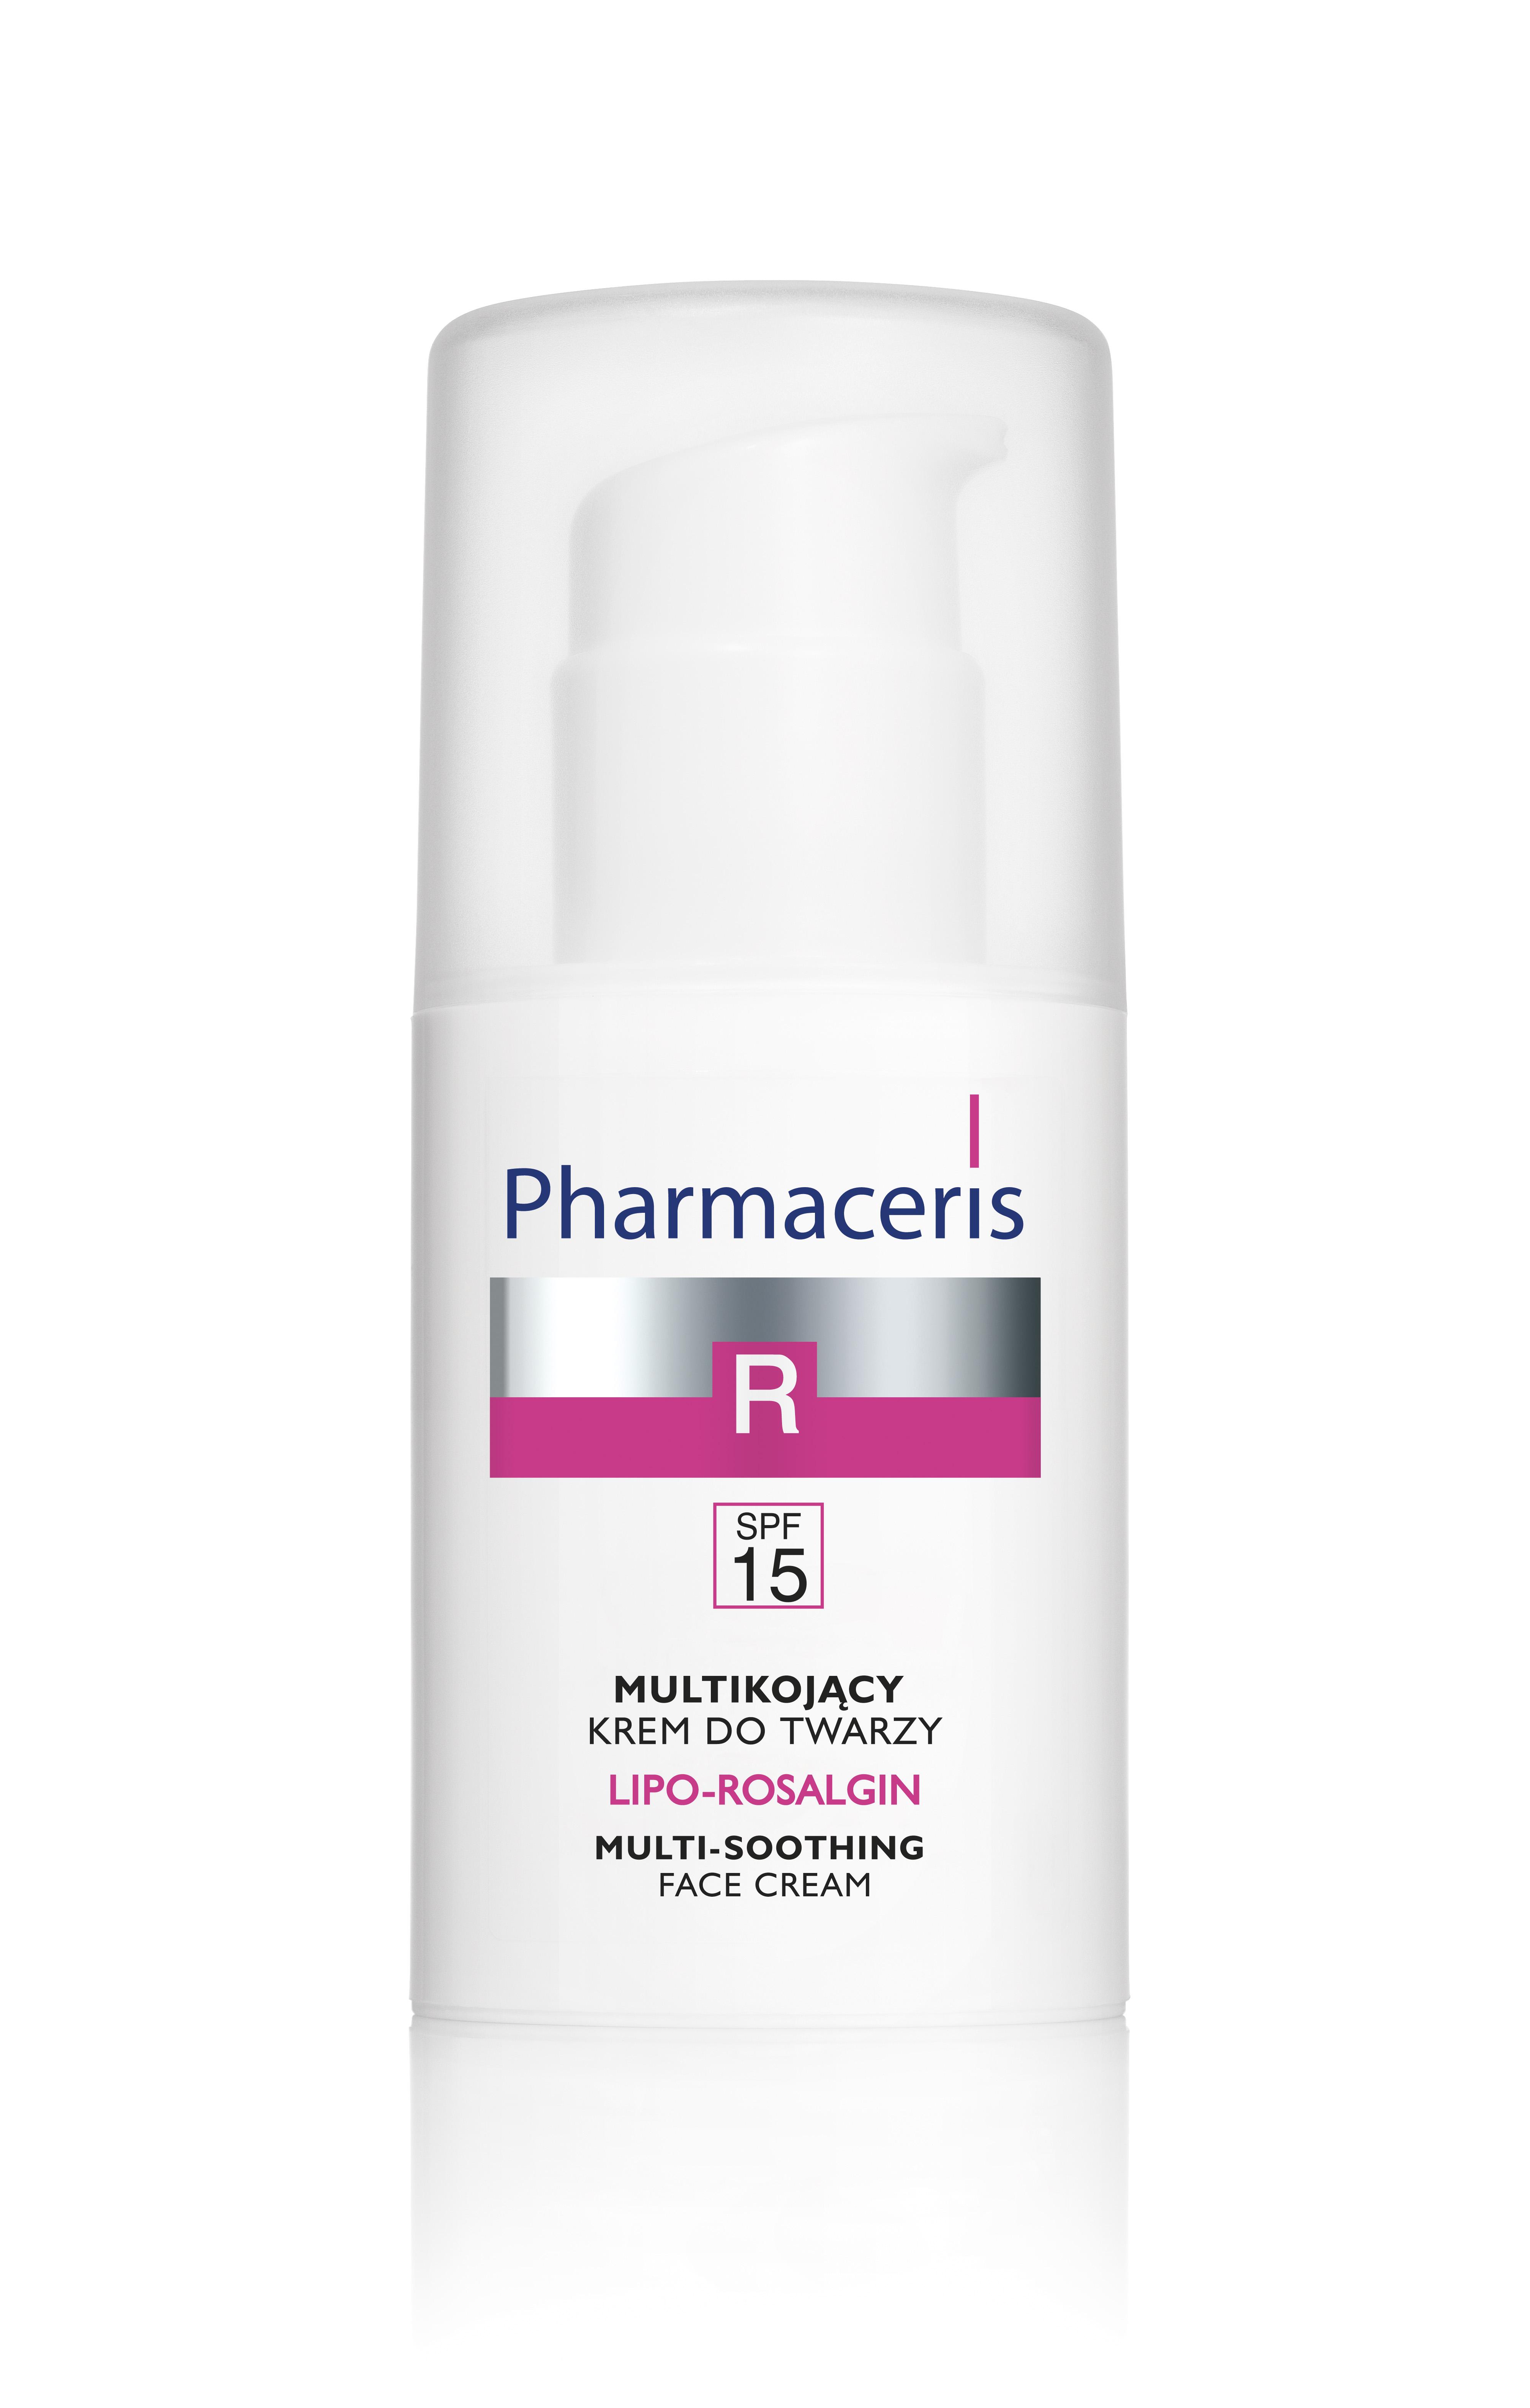 LIPO-ROSALGIN Multikojący krem do twarzy dla skóry suchej, normalnej i wrażliwej SPF 15